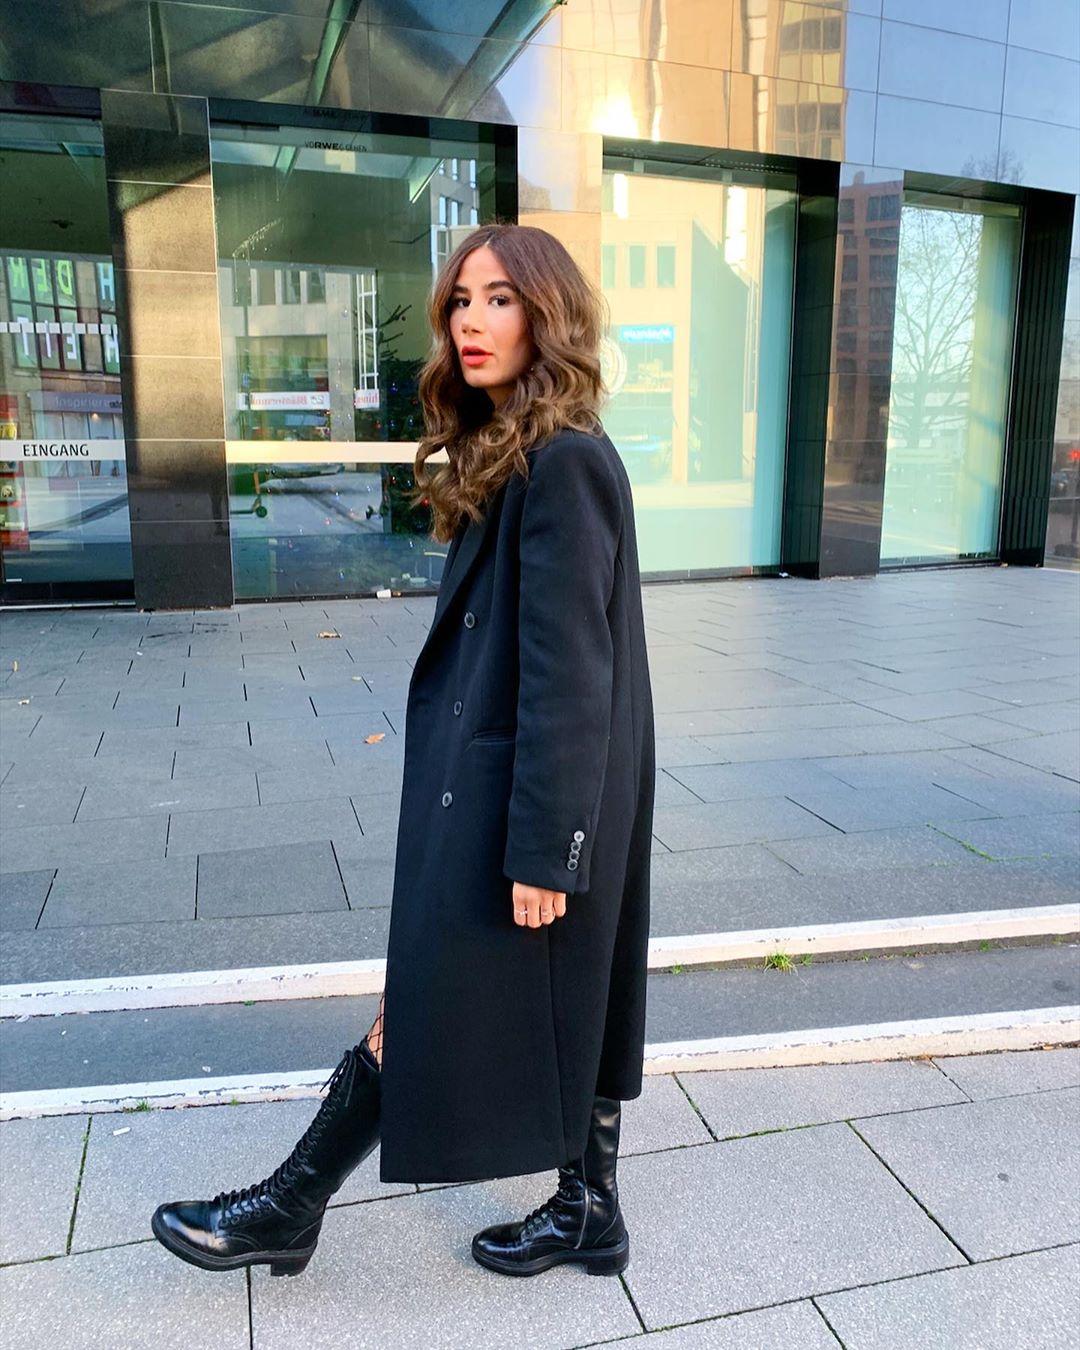 lace-up flat boots de Zara sur tataass_